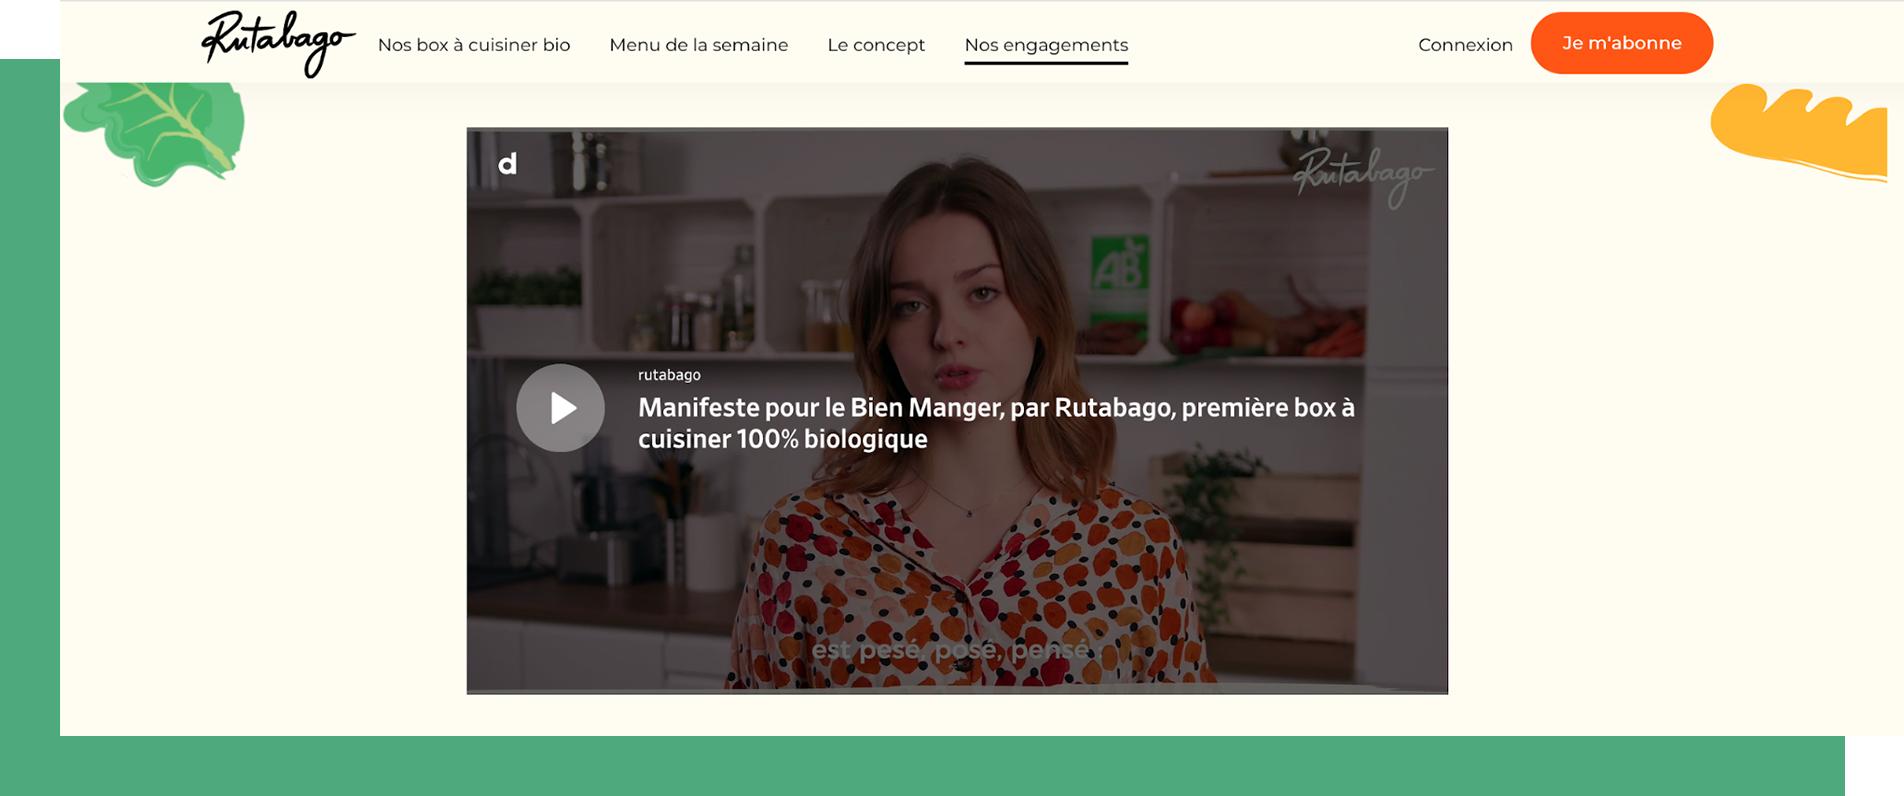 Video manifeste Rutabago